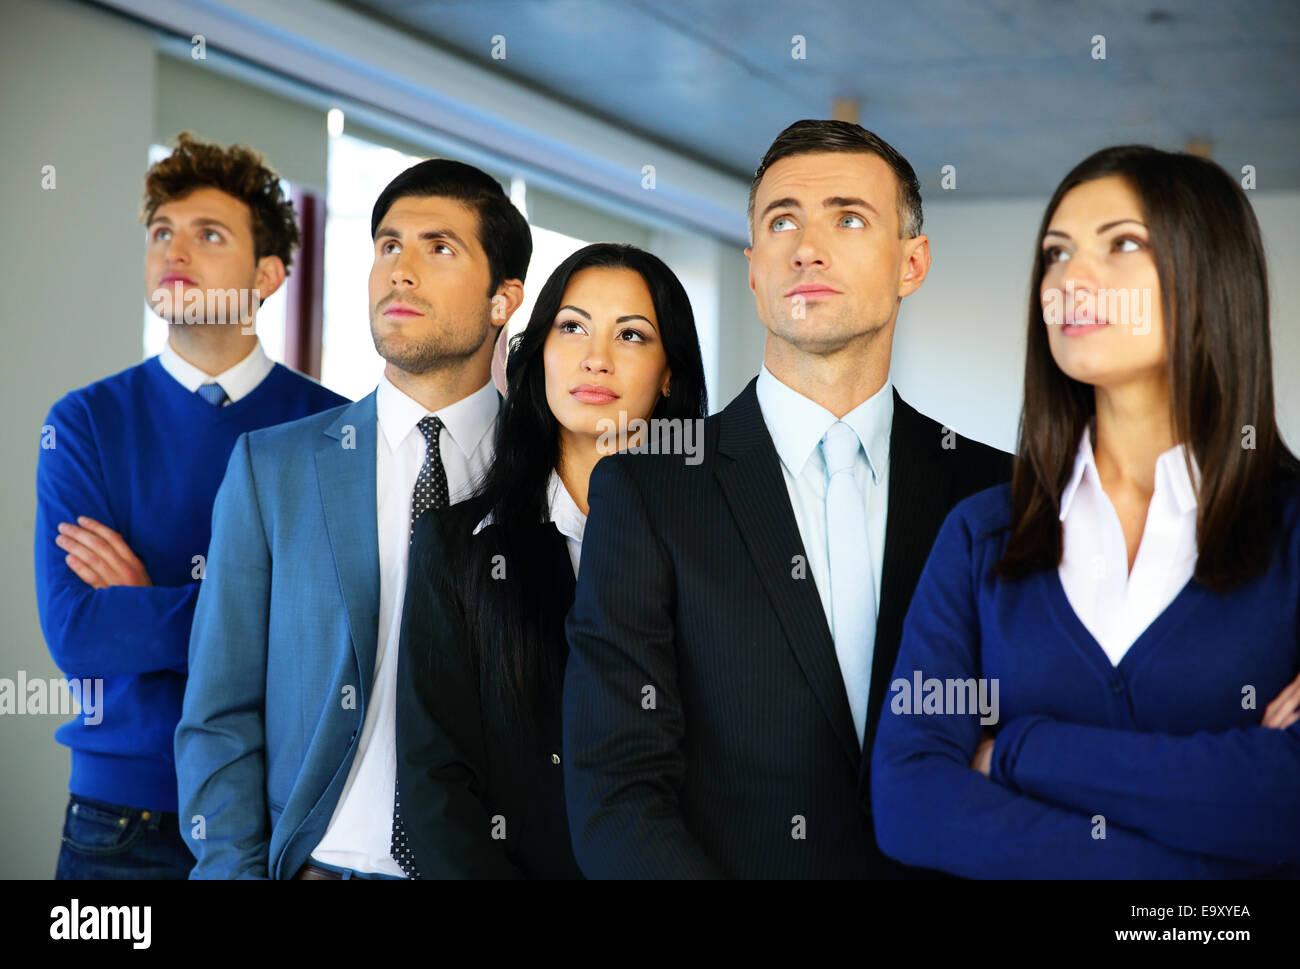 El grupo de empresarios en la oficina. Mire a la parte superior. Imagen De Stock